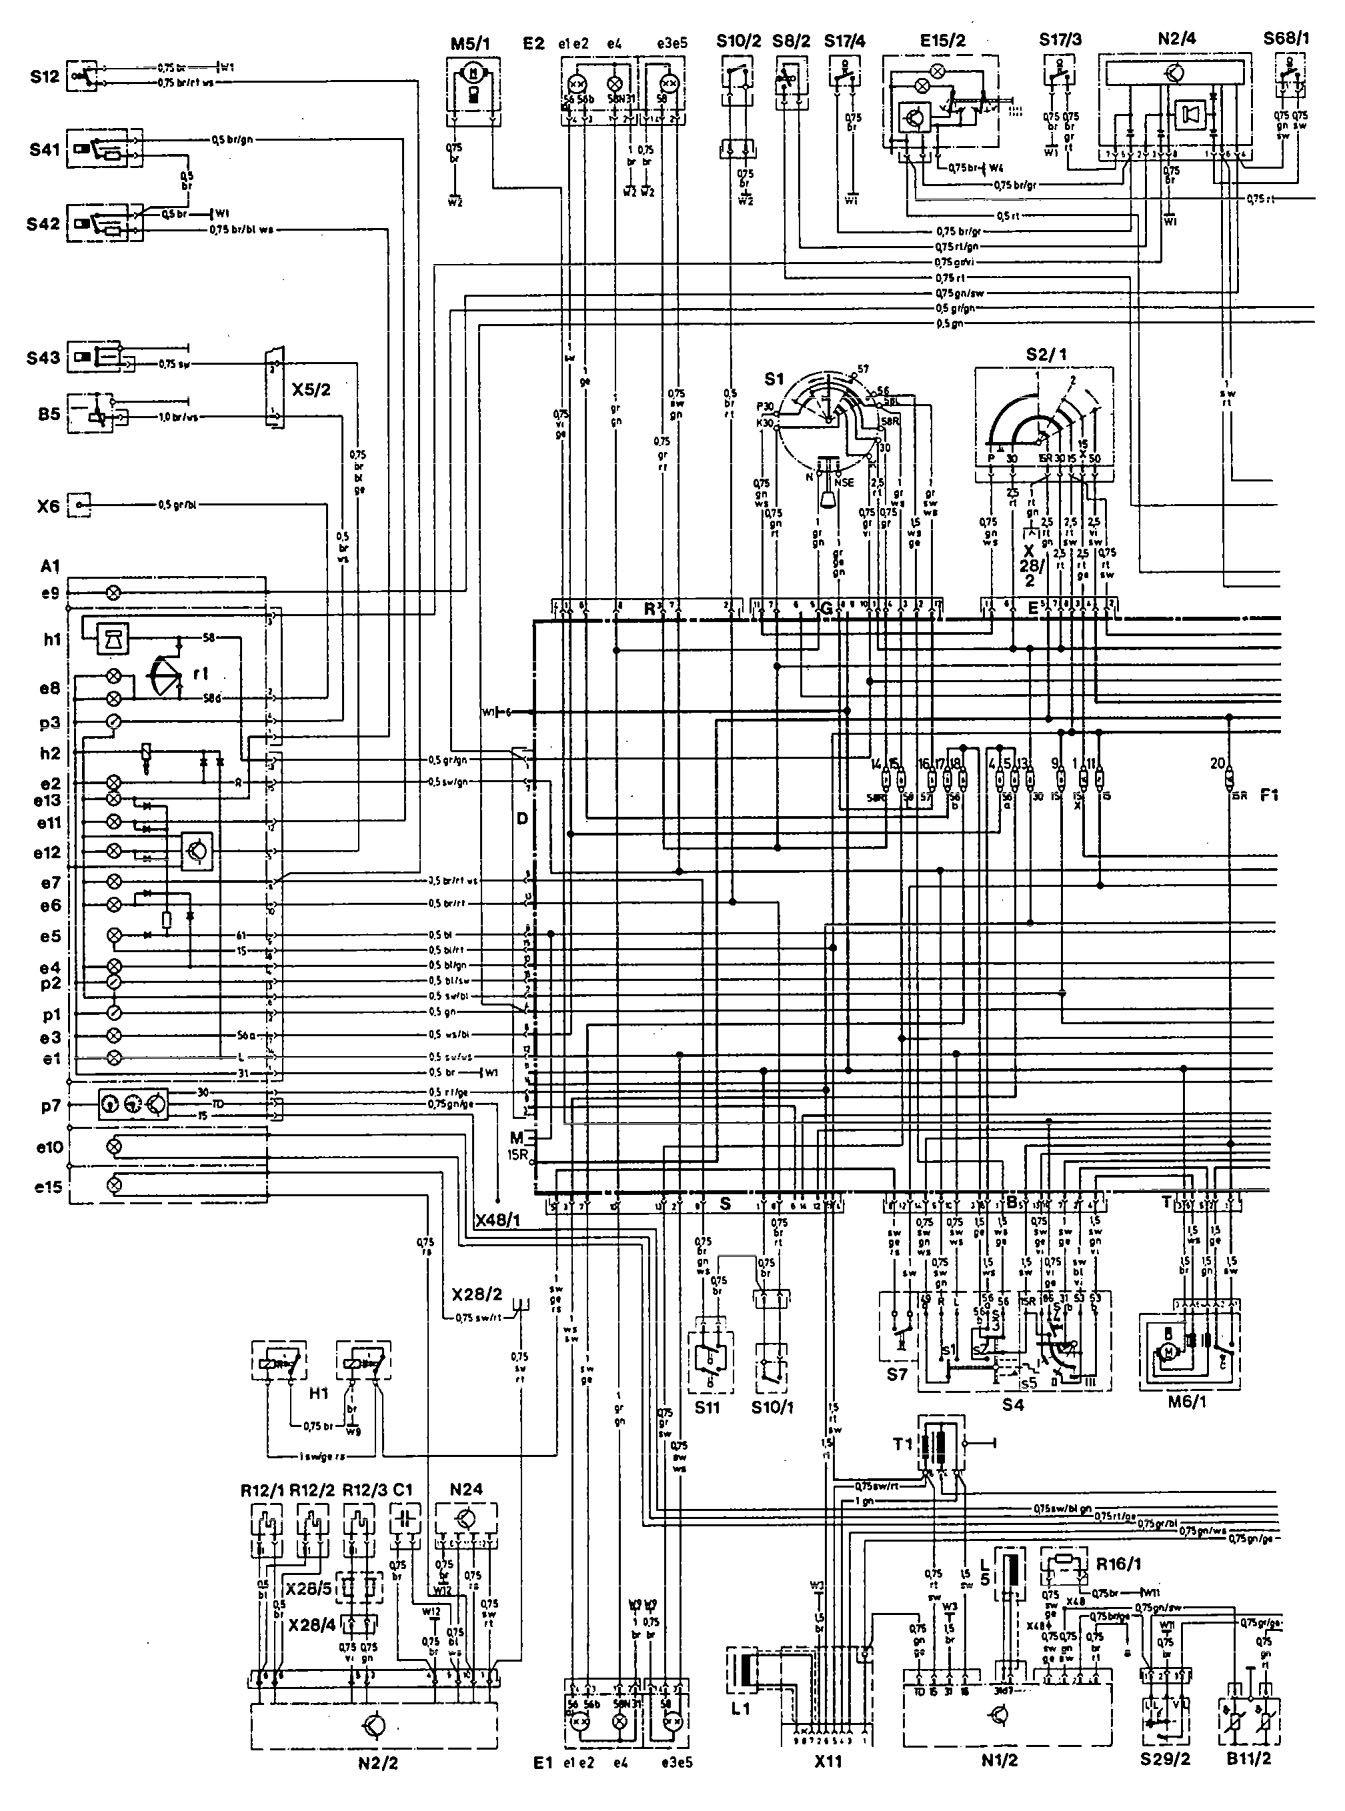 hight resolution of 1993 mercedes benz 190e wiring diagram wiring diagrams data wiring diagram mercedes 300sd mercedes 190e